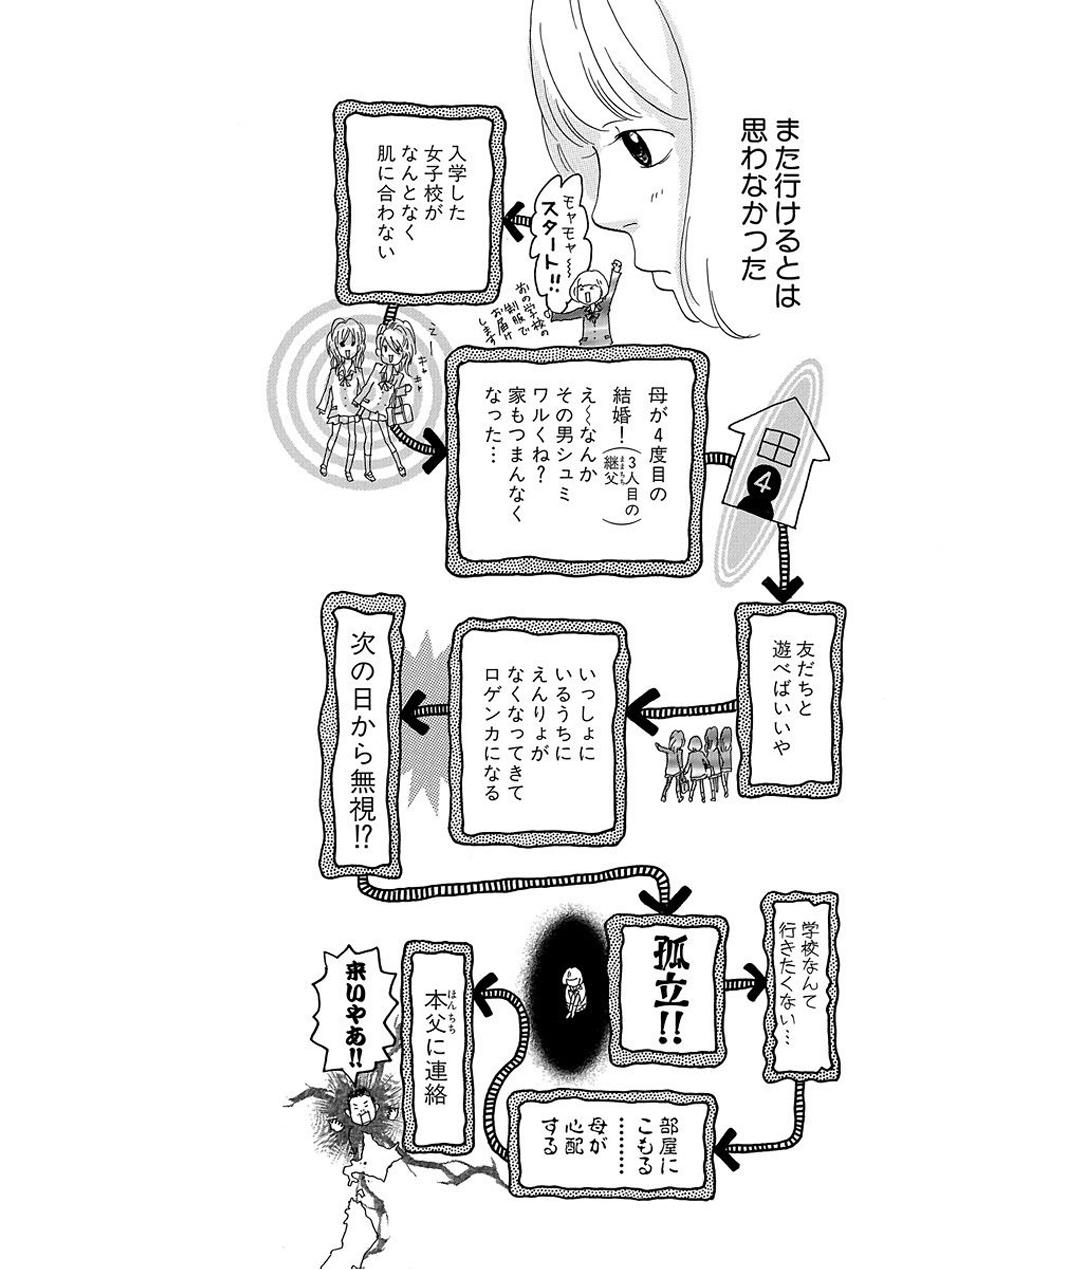 プリンシパル 第1話 試し読み_1_1-19